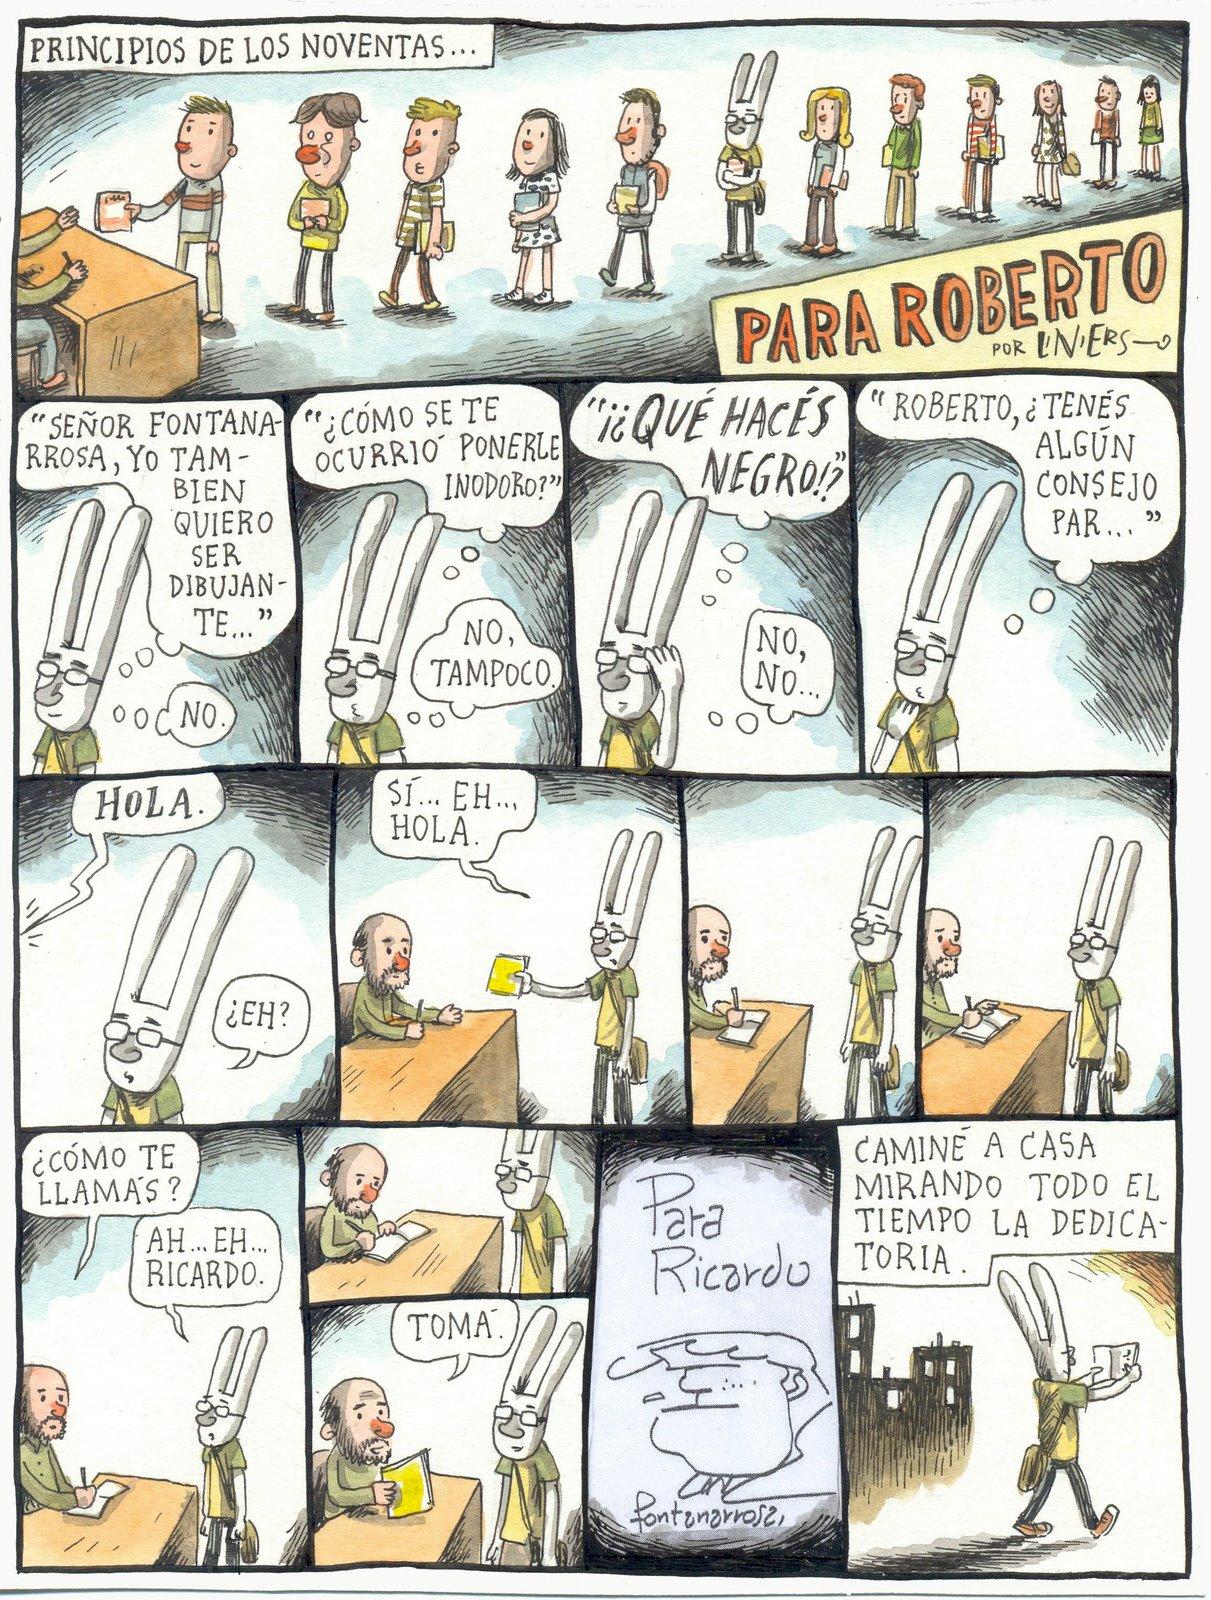 Caricaturista argentino